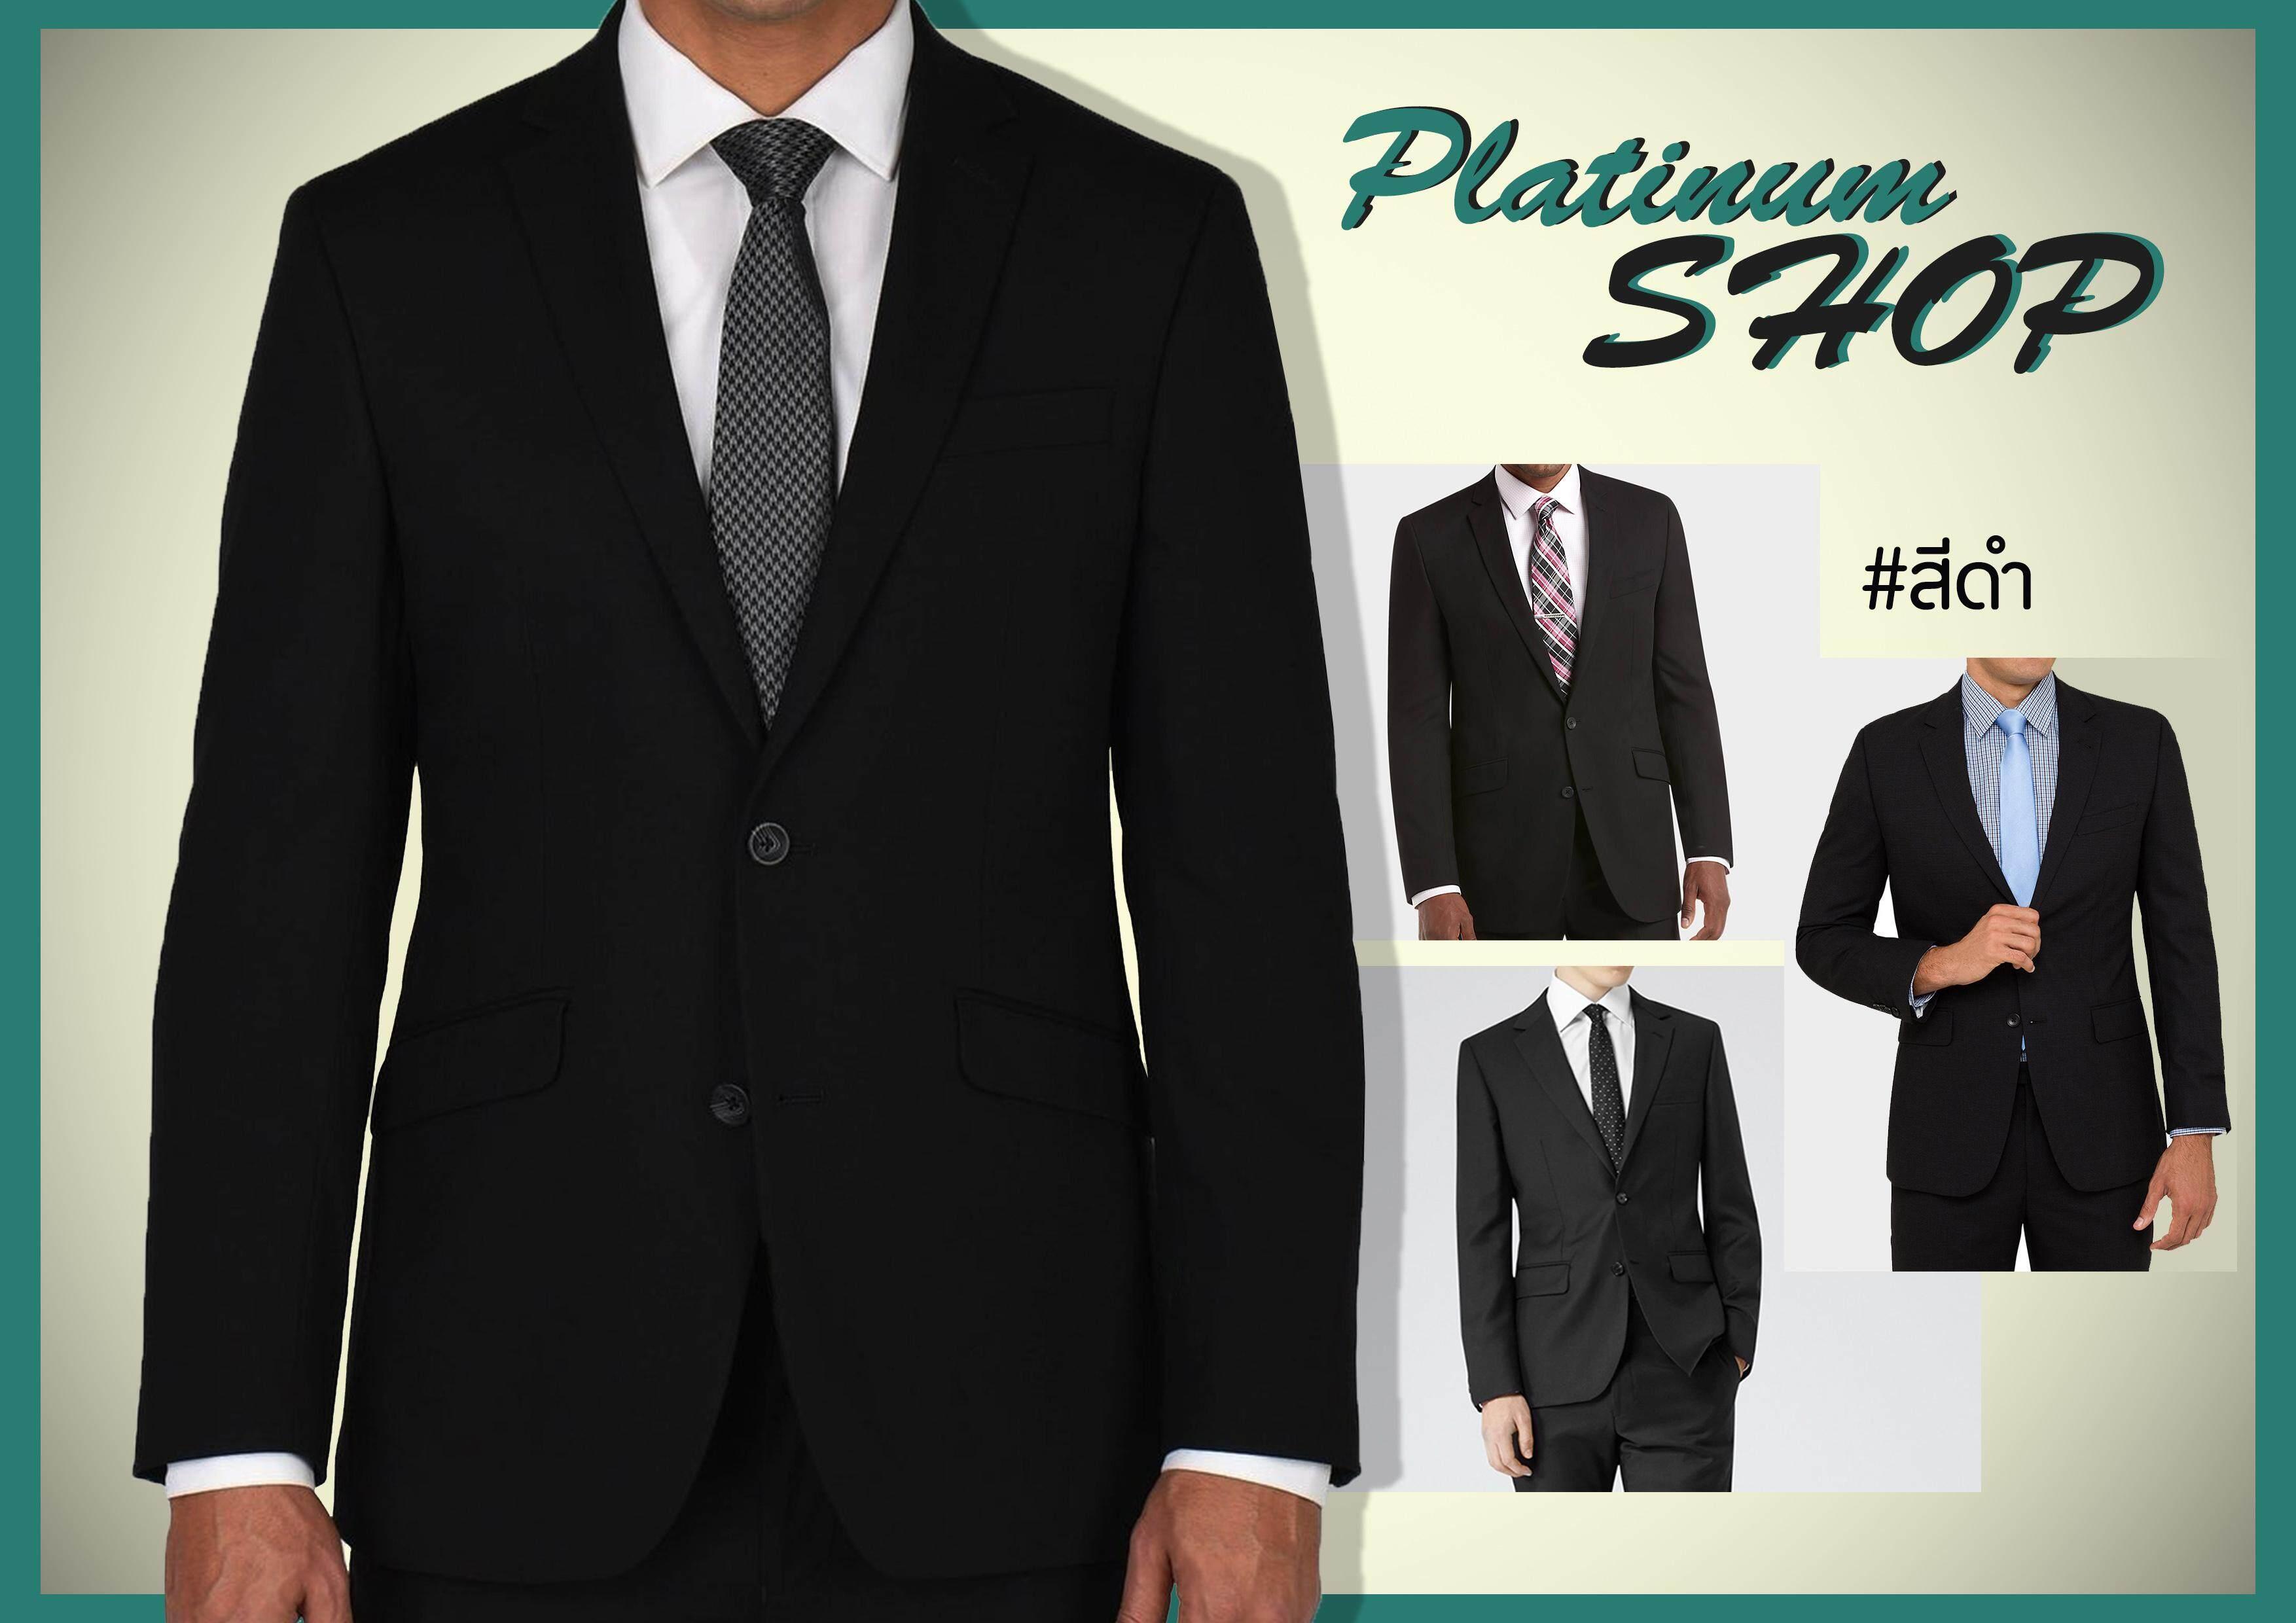 เสื้อสูทสีดำ เสื้อสูทผู้ชาย เสื้อสูทใส่ทำงาน ใส่แฟชั่น เสื้อสูทเข้าพิธี เสื้อสูทออกงาน สีดำ เนื้อผ้าดี ราคาส่งจากโรงงาน.